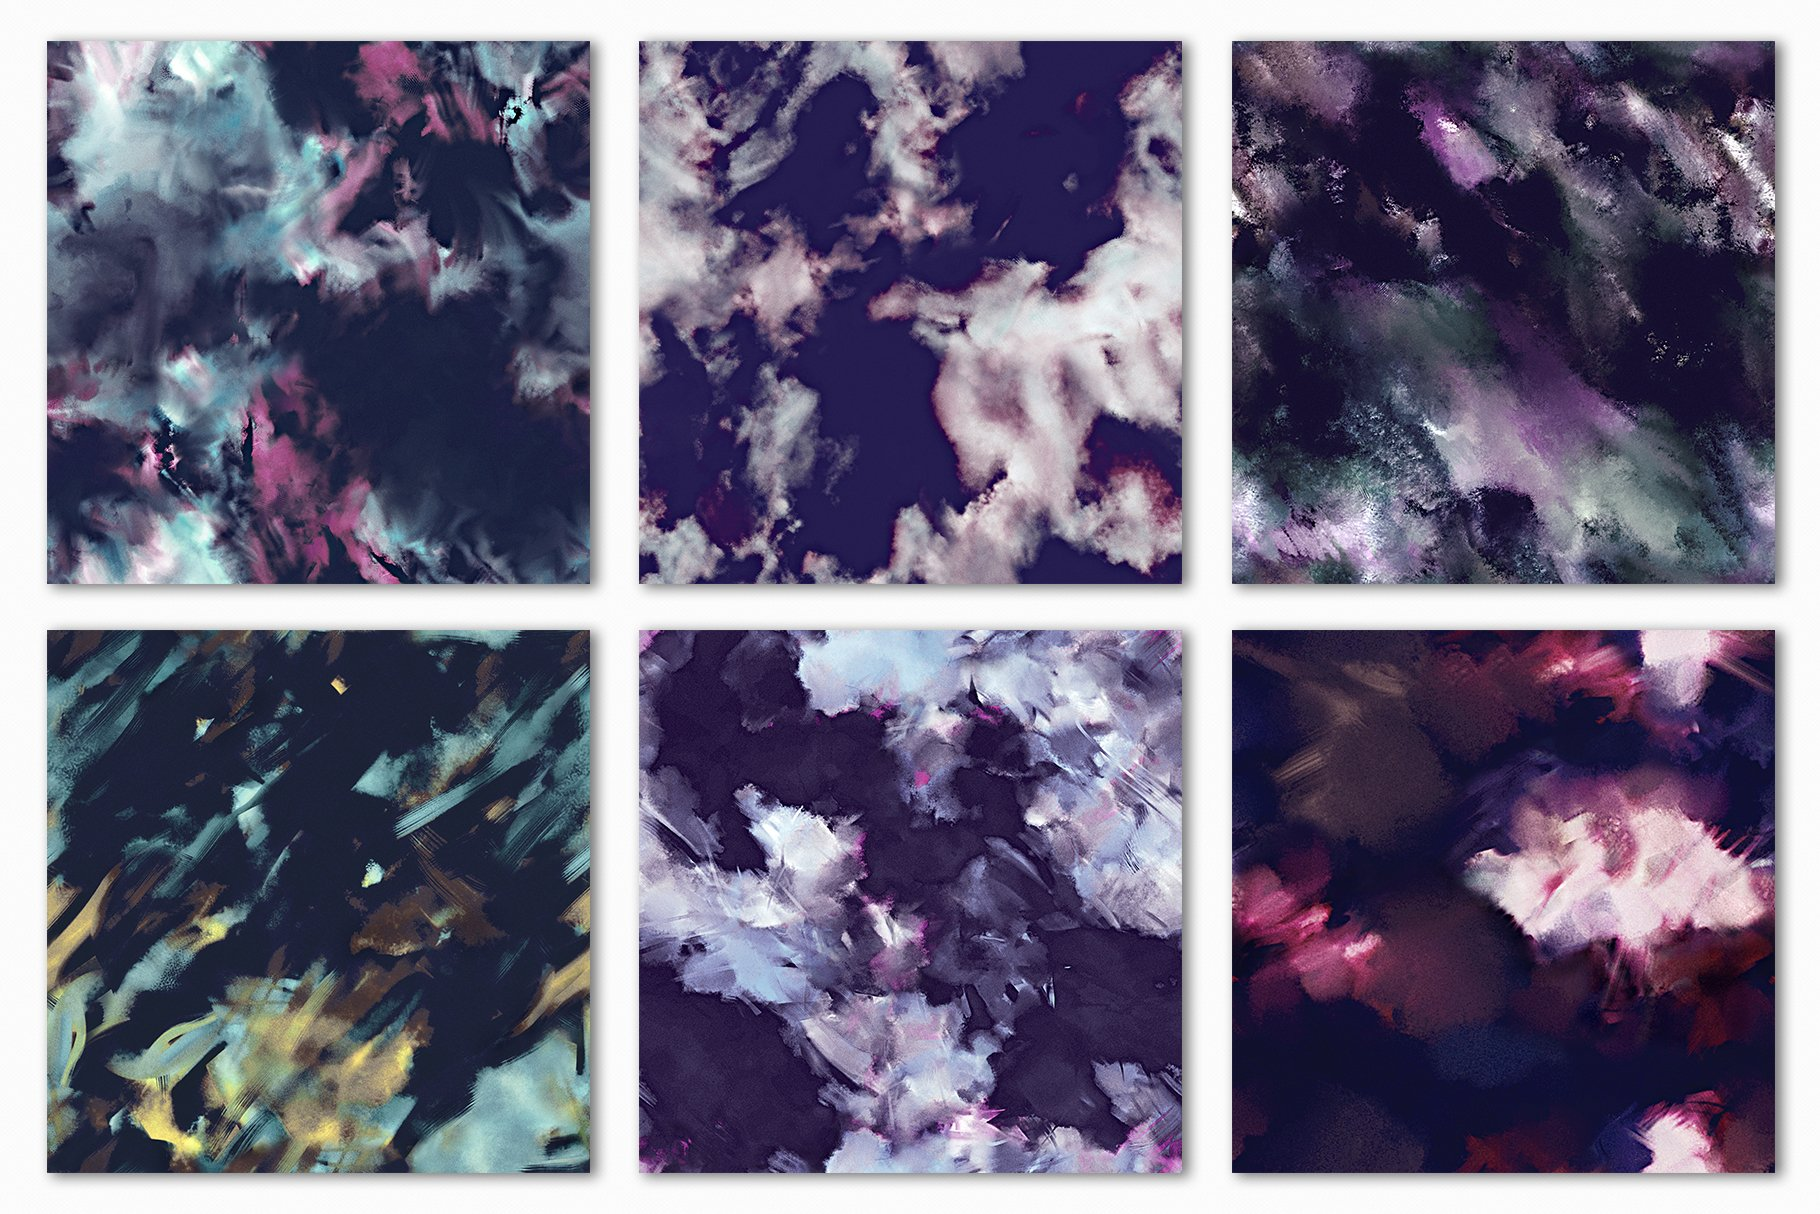 抽象紫色海军蓝绿色调丙烯酸油漆笔刷背景纹理图片素材 Brushstroke Textures Collection插图(20)